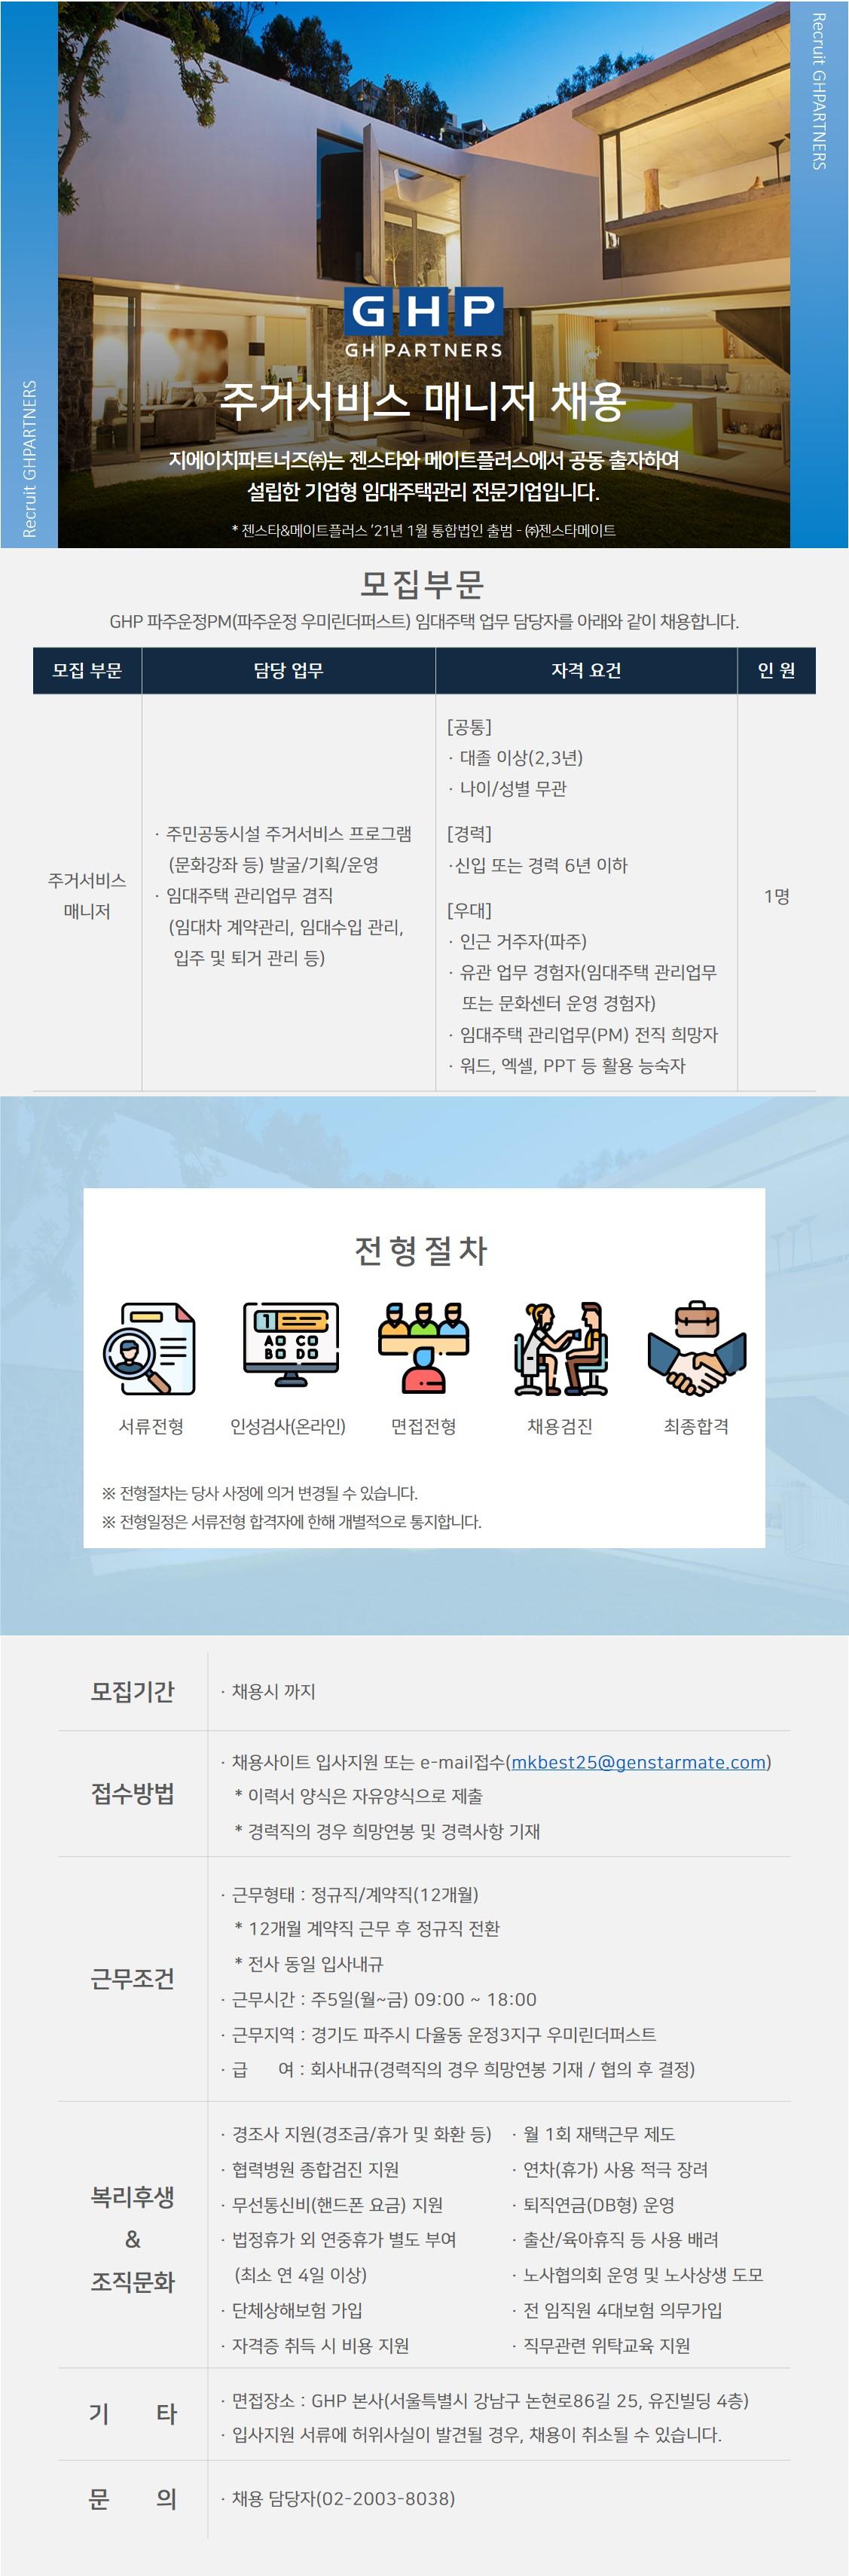 20210706 파주운정PM 채용공고(주거서비스 매니저).jpg